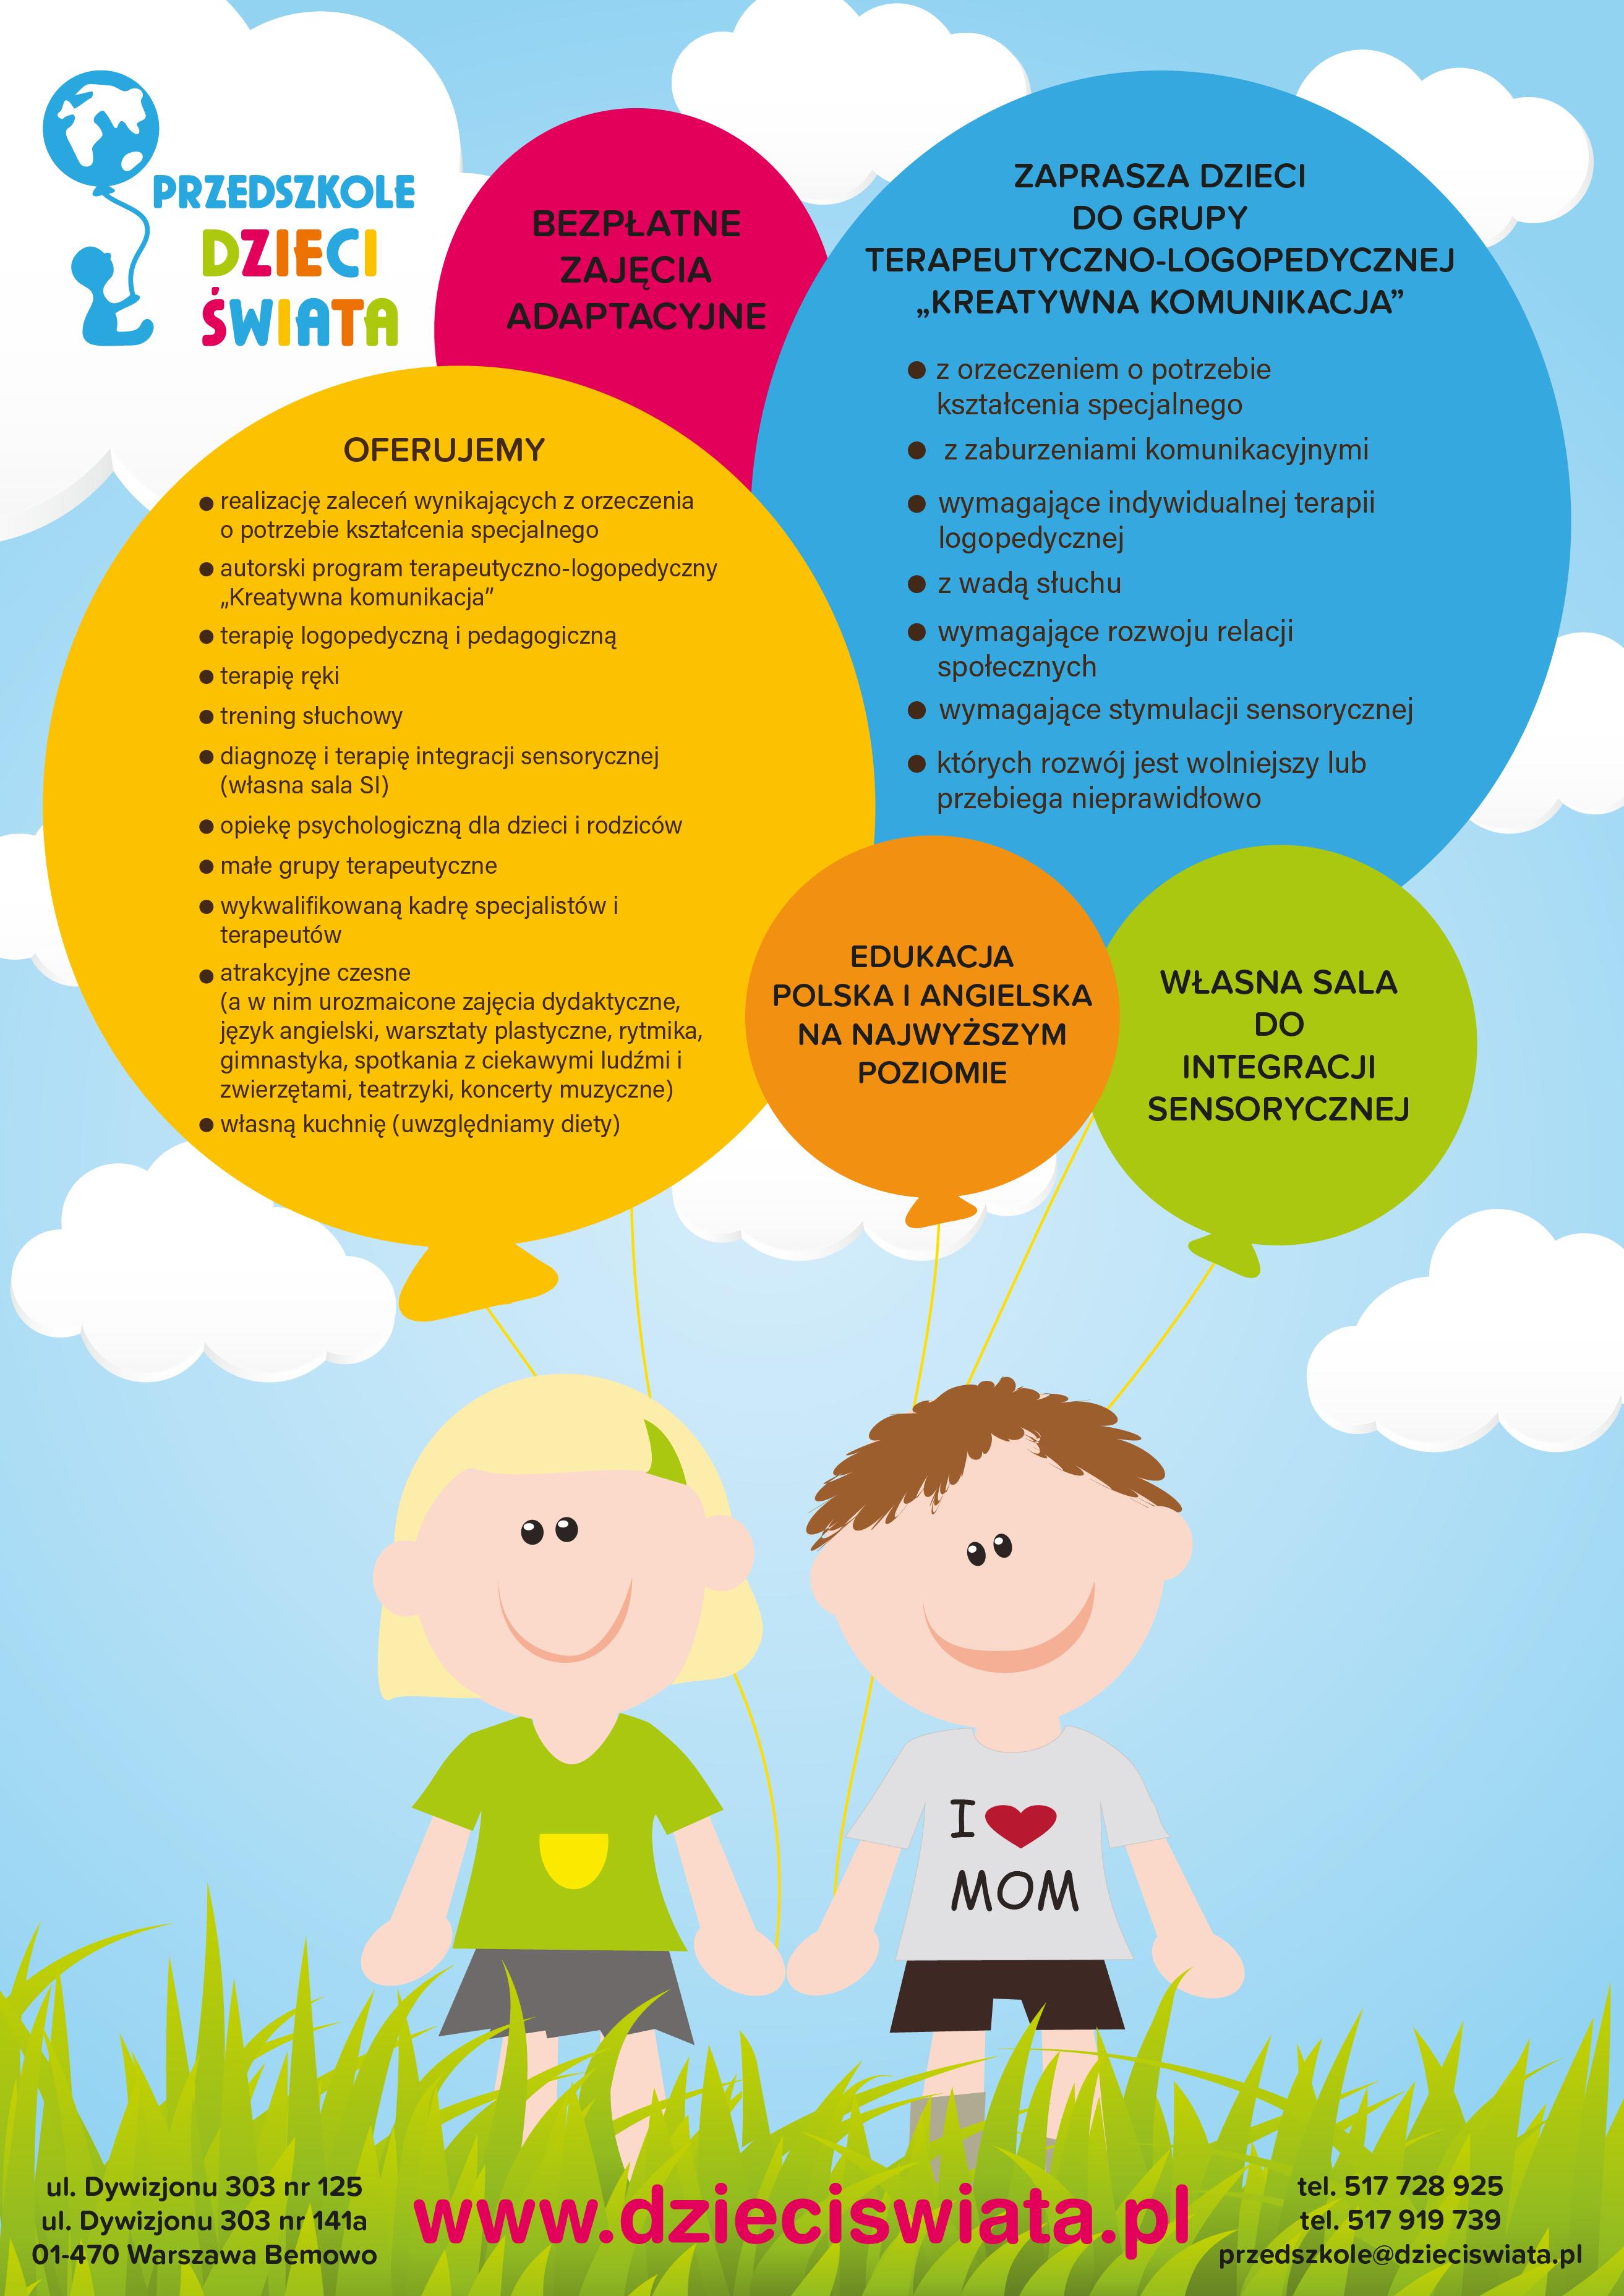 Kreatywna Komunikacja Przedszkole Dzieci Swiata